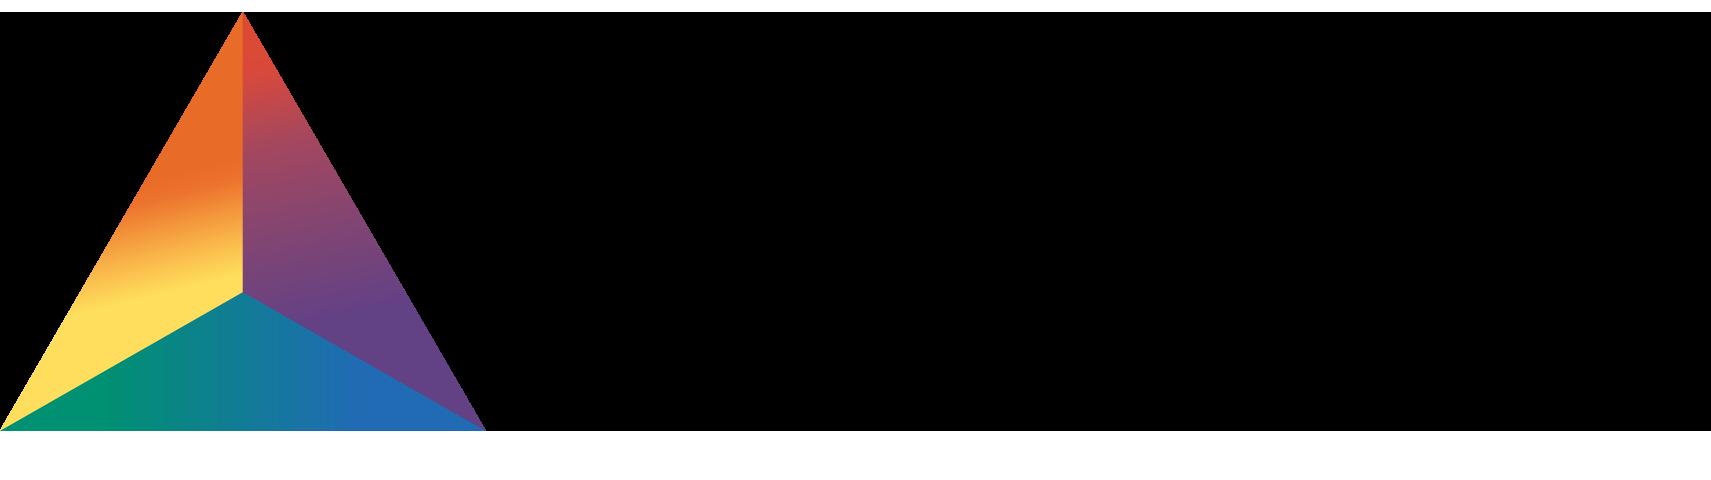 PRISM_Logo-Colour.png